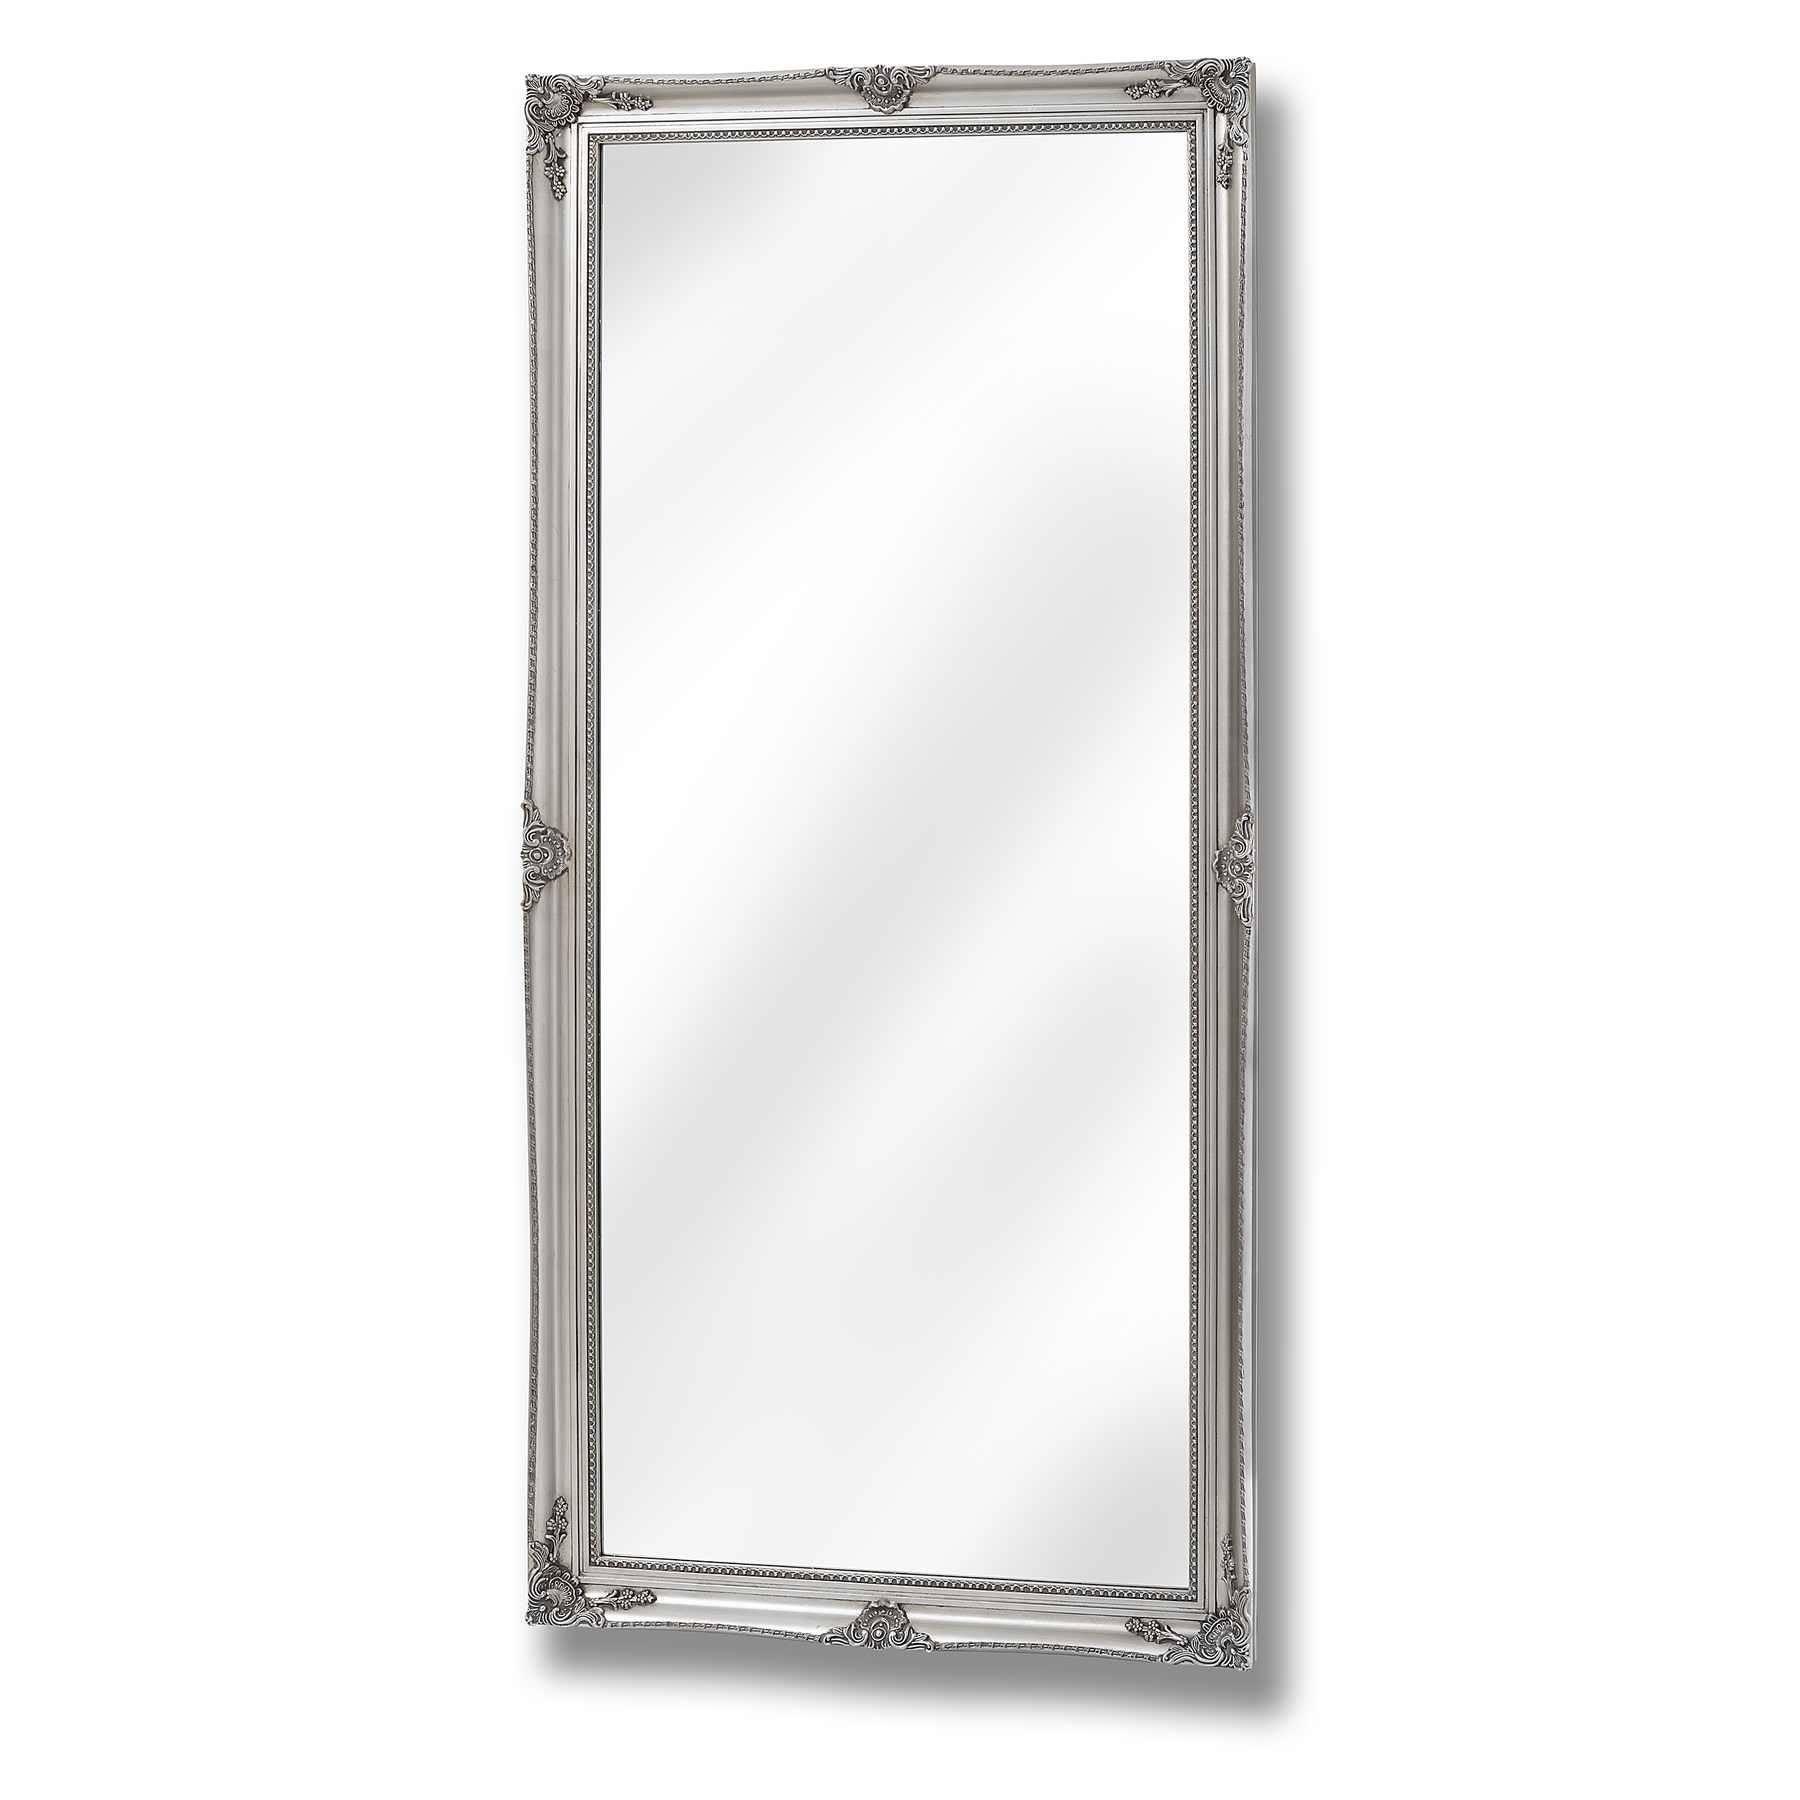 Baroque Antique Silver Full Length Mirror Throughout Silver Full Length Mirrors (View 2 of 15)